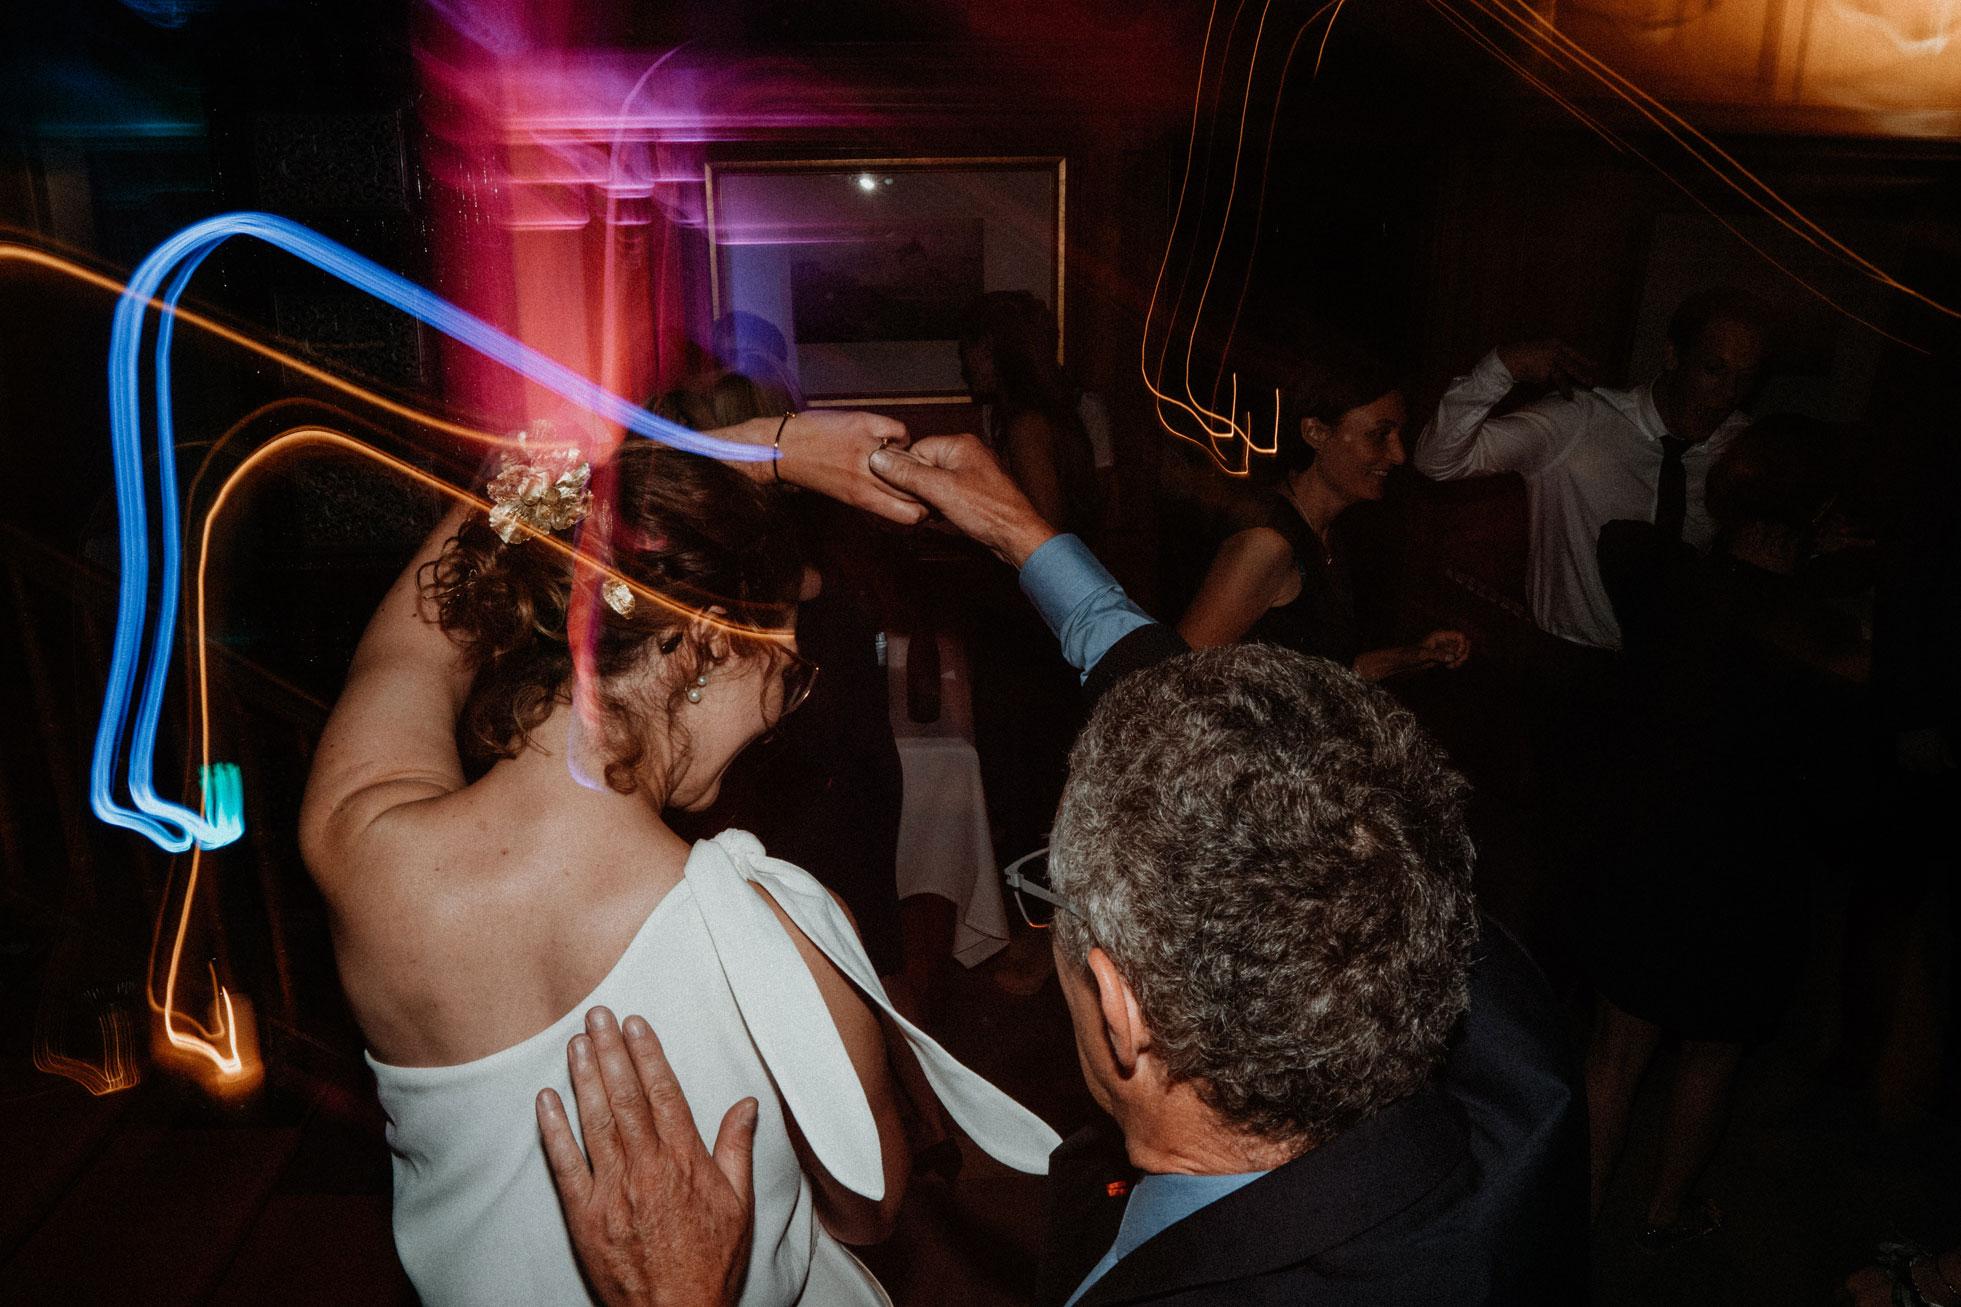 Hochzeit_Claire_Manuel_Villa_Maund_Daniel_Jenny-675.jpg